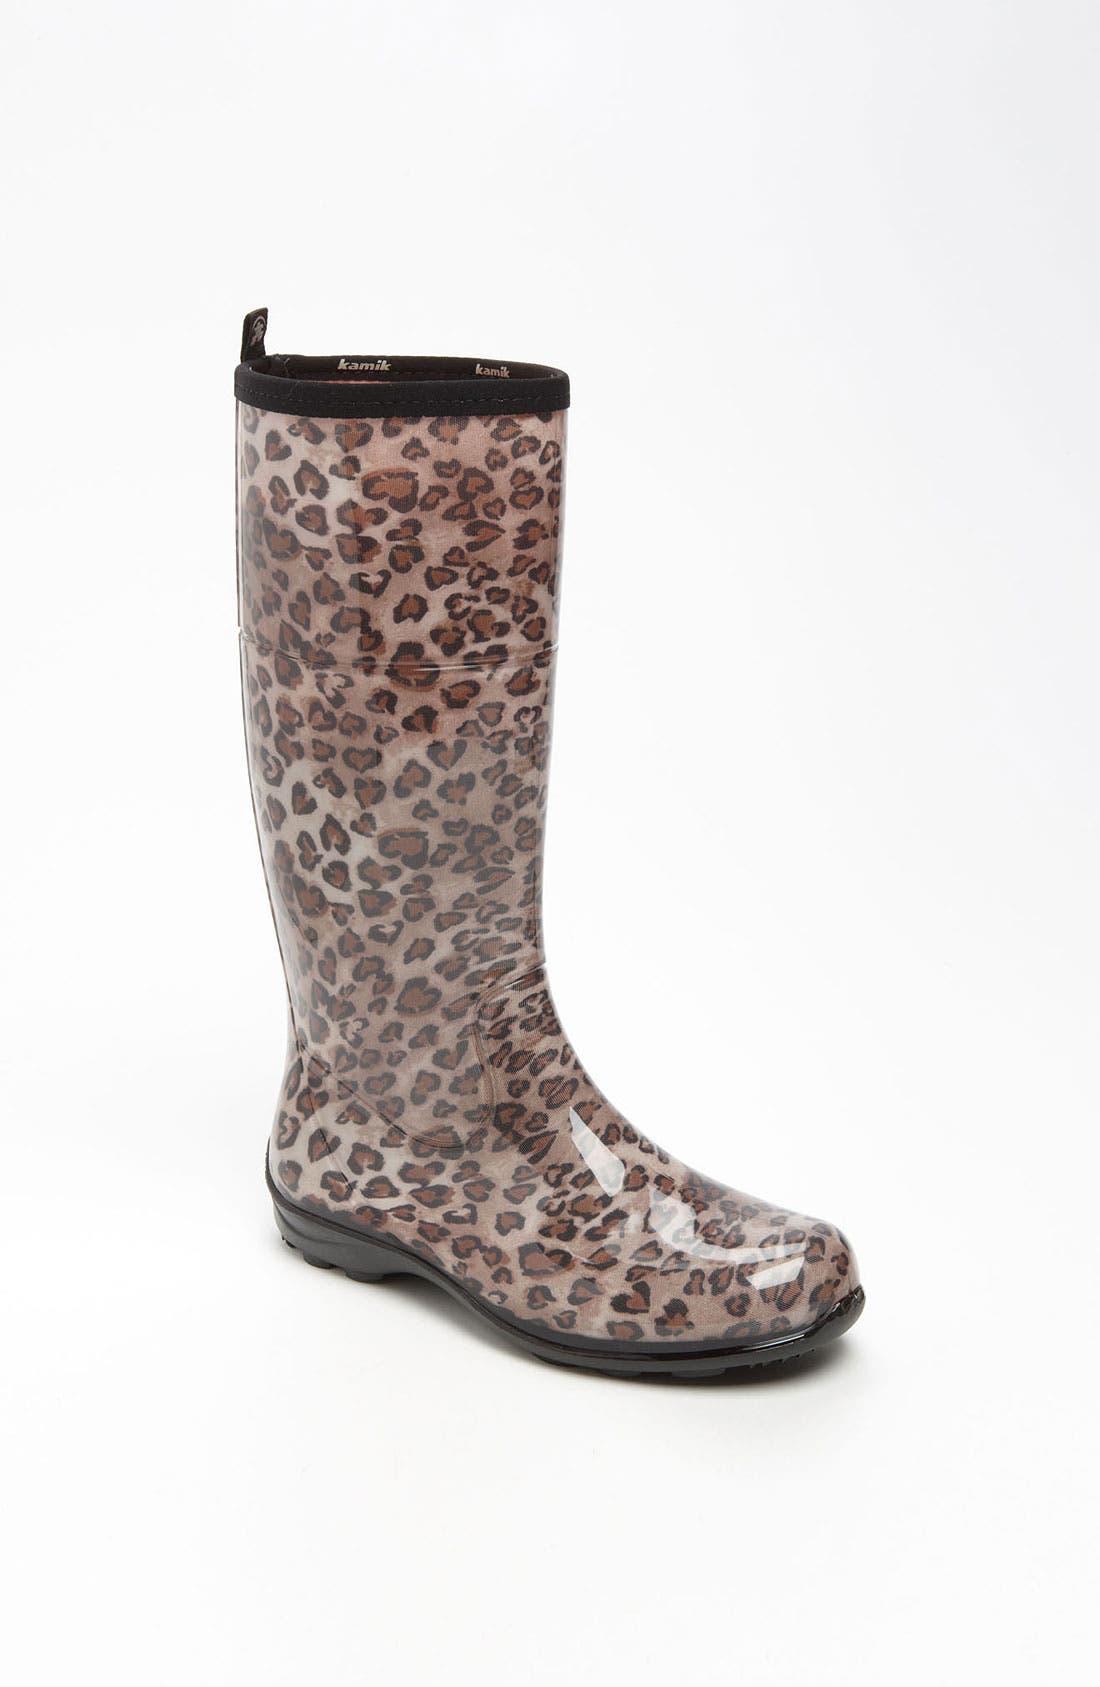 Alternate Image 1 Selected - Kamik 'Kenya' Rain Boot (Women)